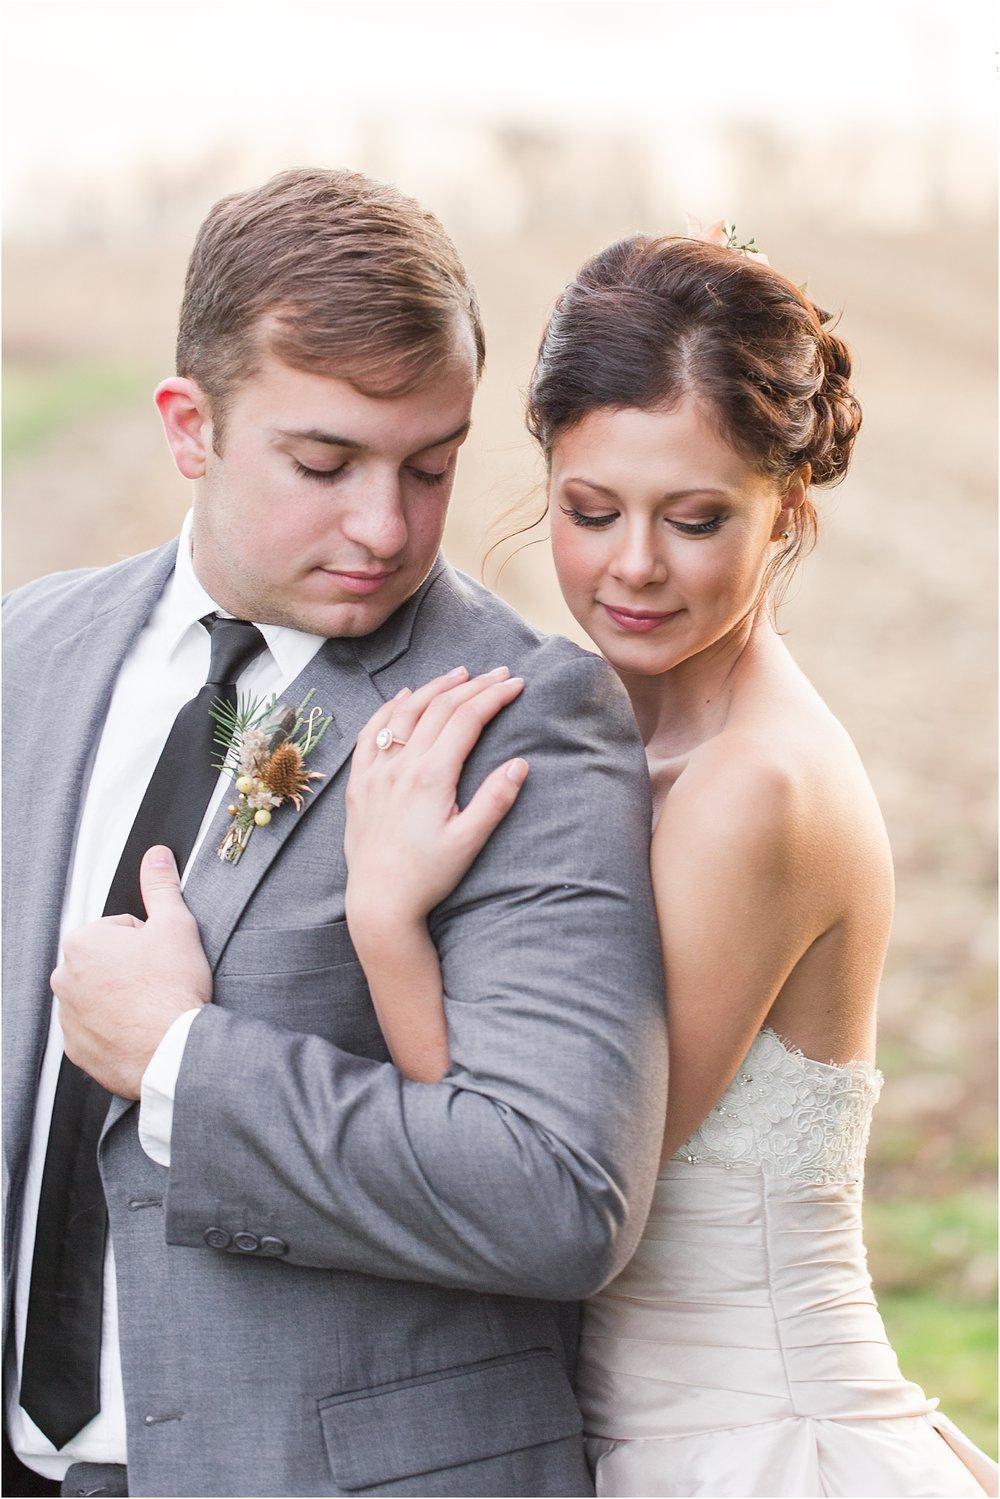 elegant-classic-timeless-candid-winter-wedding-photos-in-ann-arbor-mi-by-courtney-carolyn-photography_0046.jpg